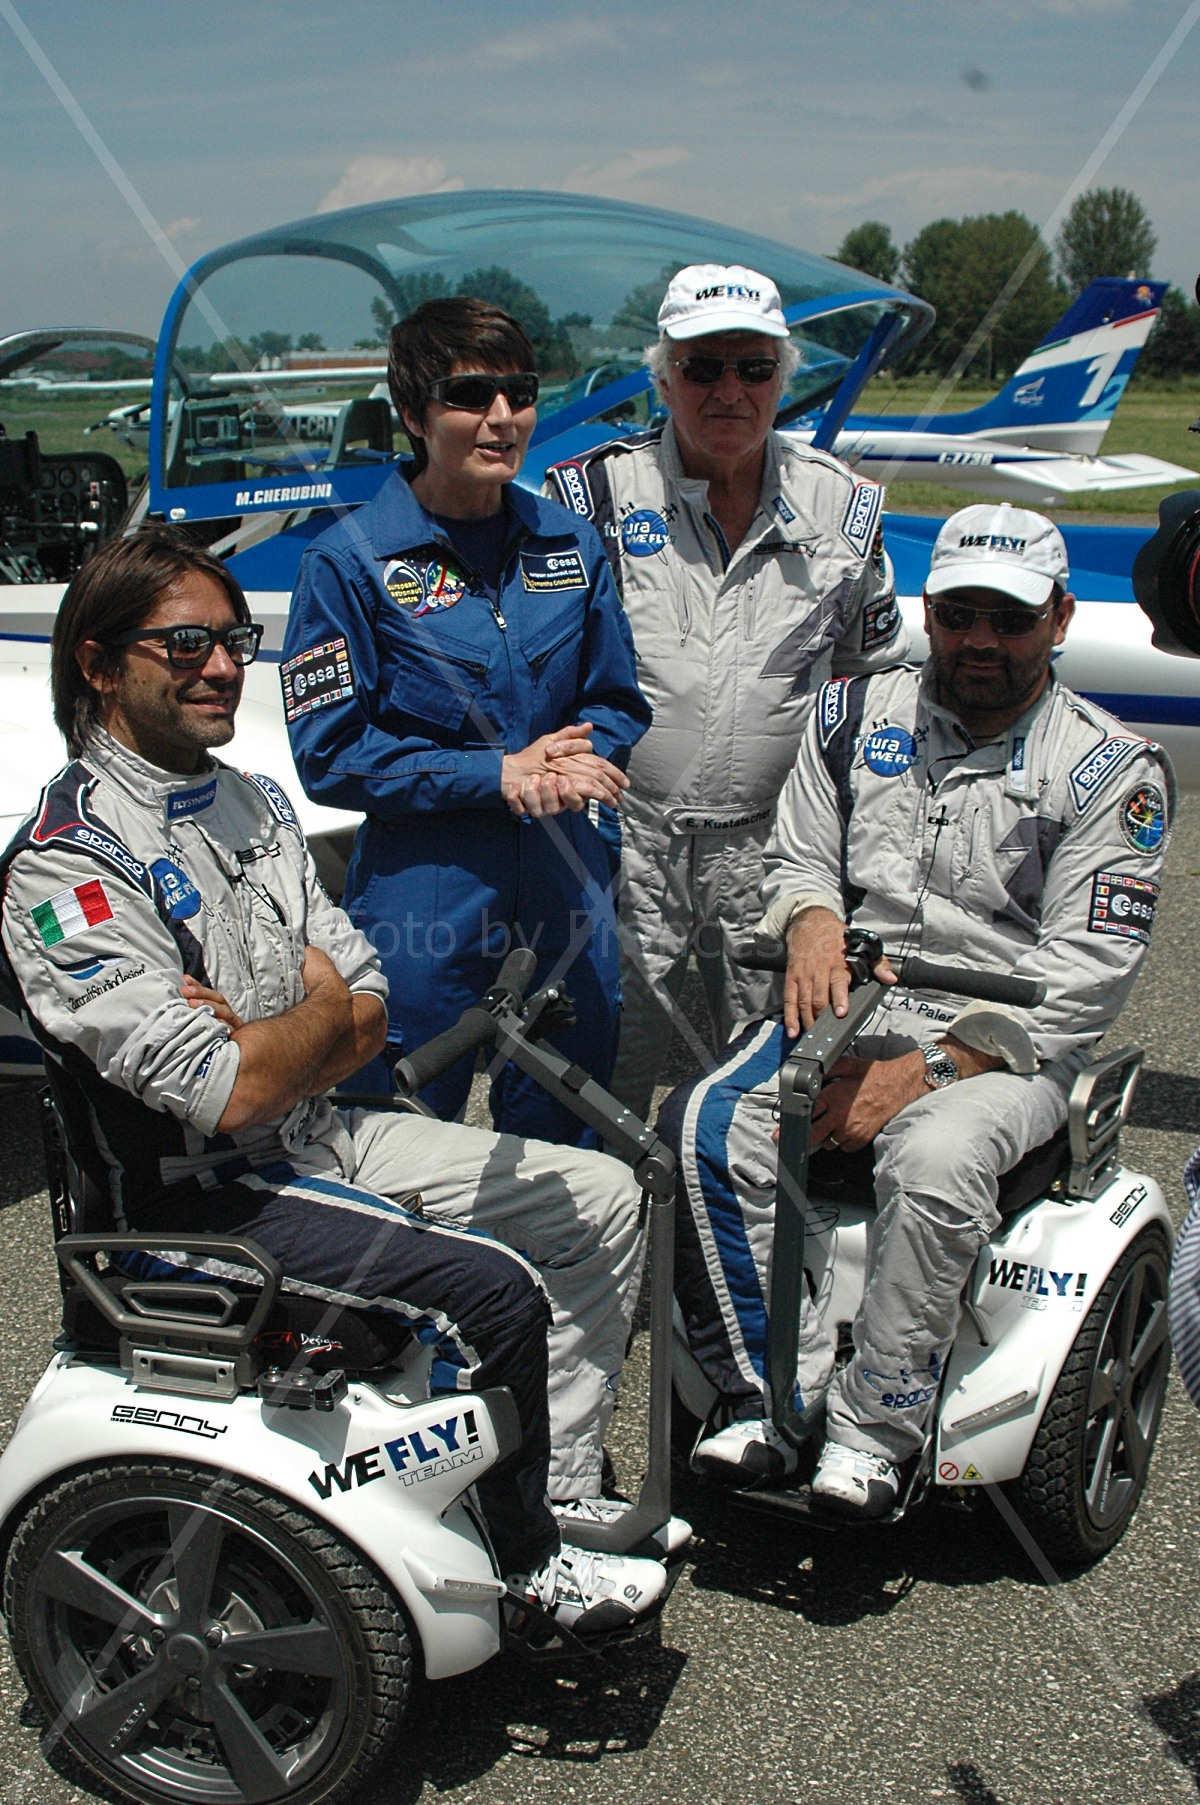 WeFly! Team - da sinistra verso destra Marco Cherubini, samantha Cristoforetti,  Erich Kustatscher e Alessandro Paleri